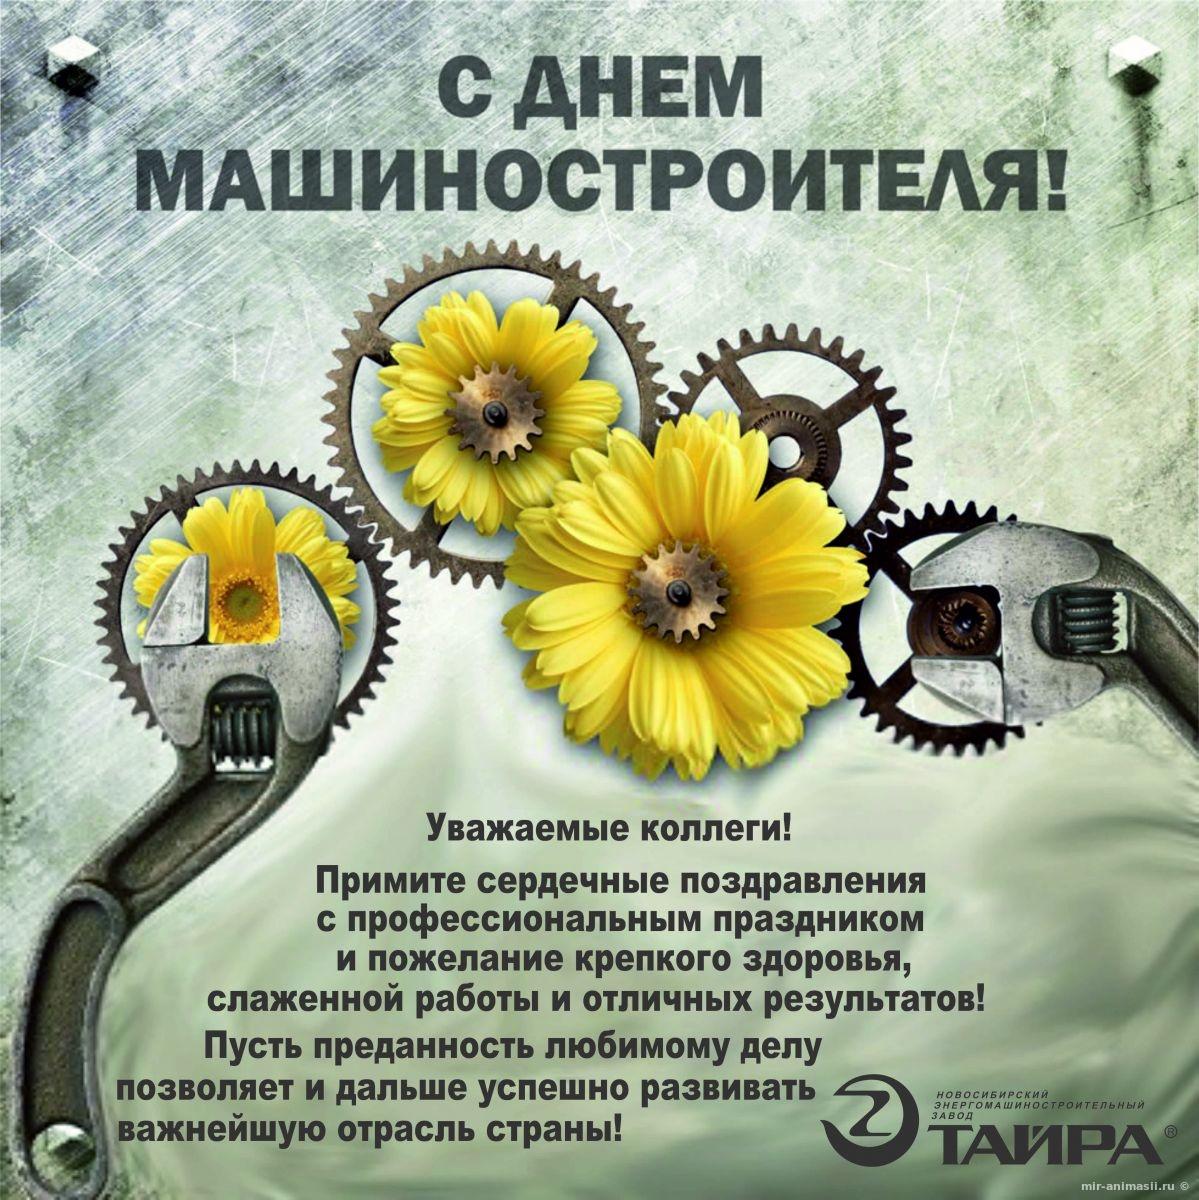 День машиностроителя - 26 сентября